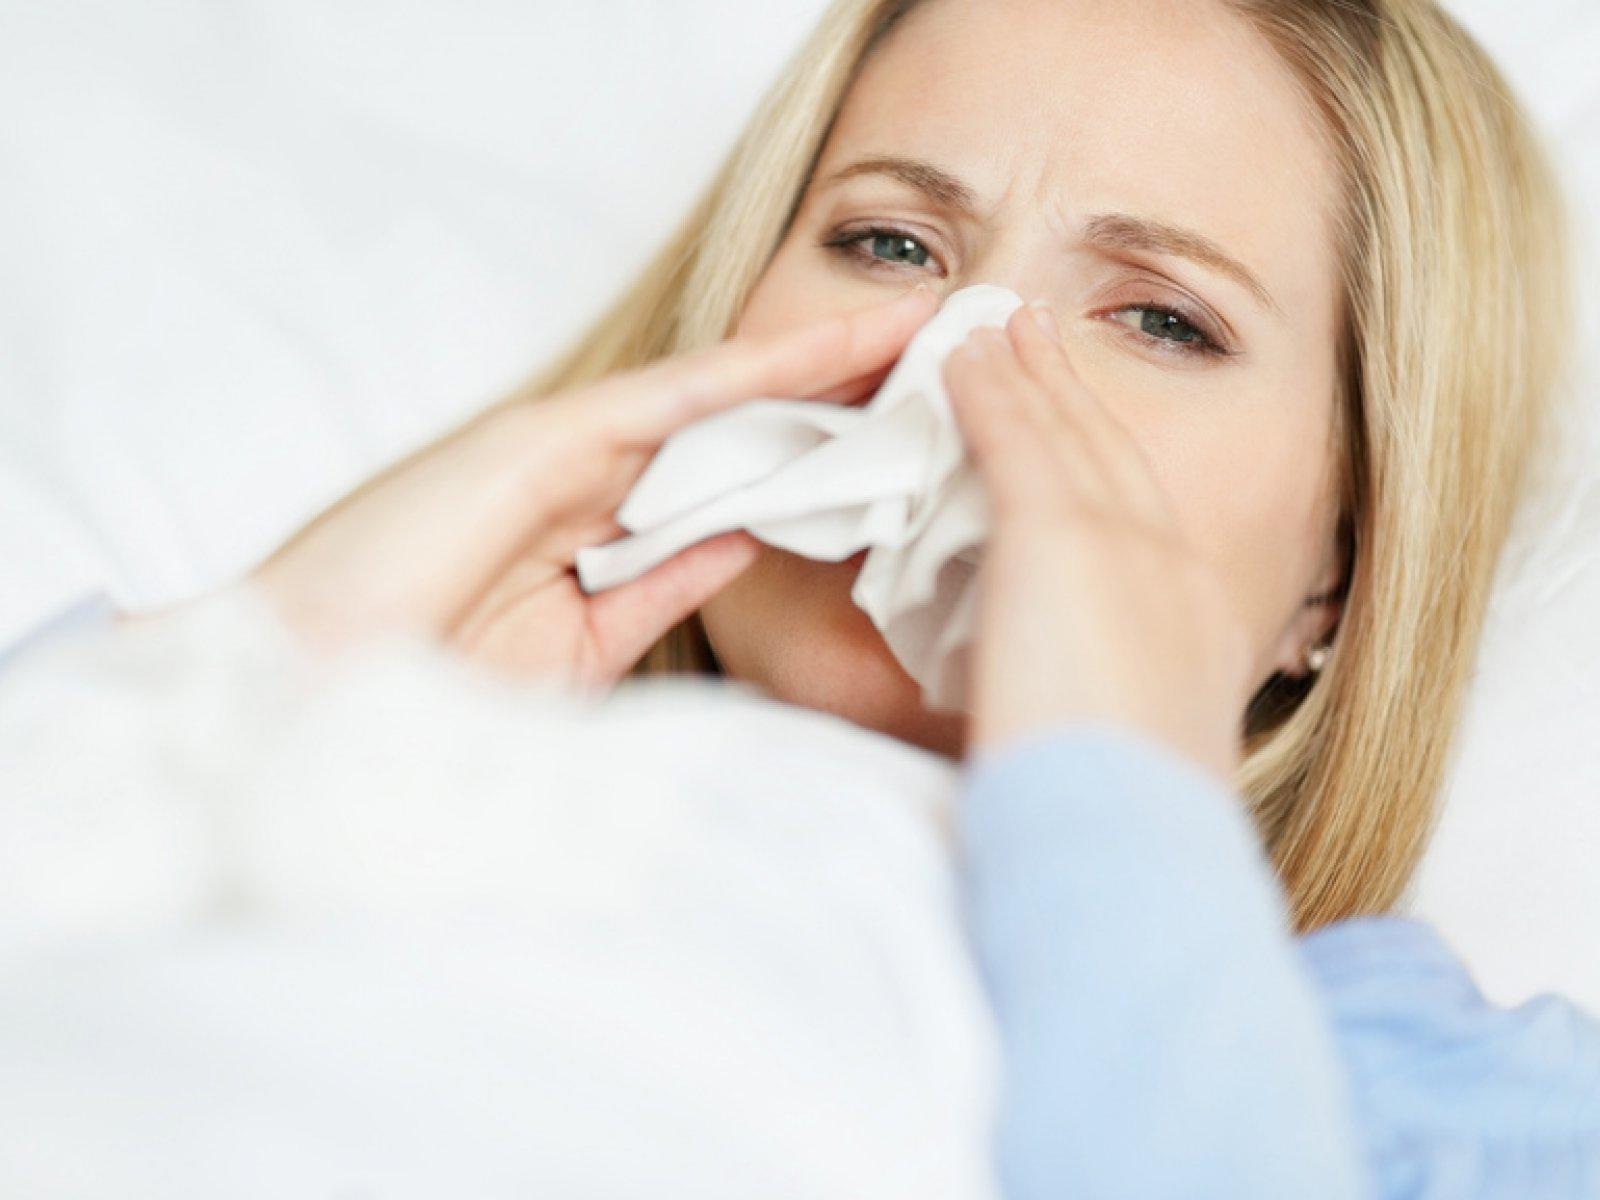 Arpeflu.ru Лечение и профилактика гриппа и других острых респираторных инфекций Страница 131